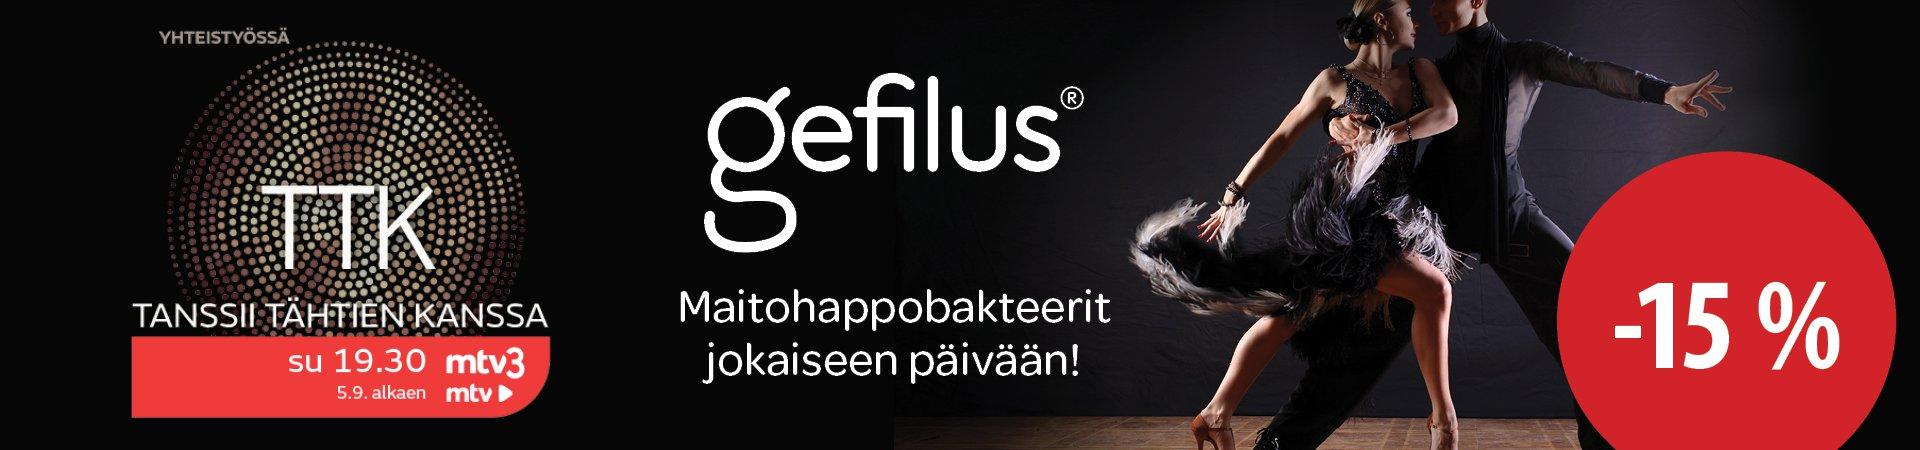 Gefilus maitohappobakteerit